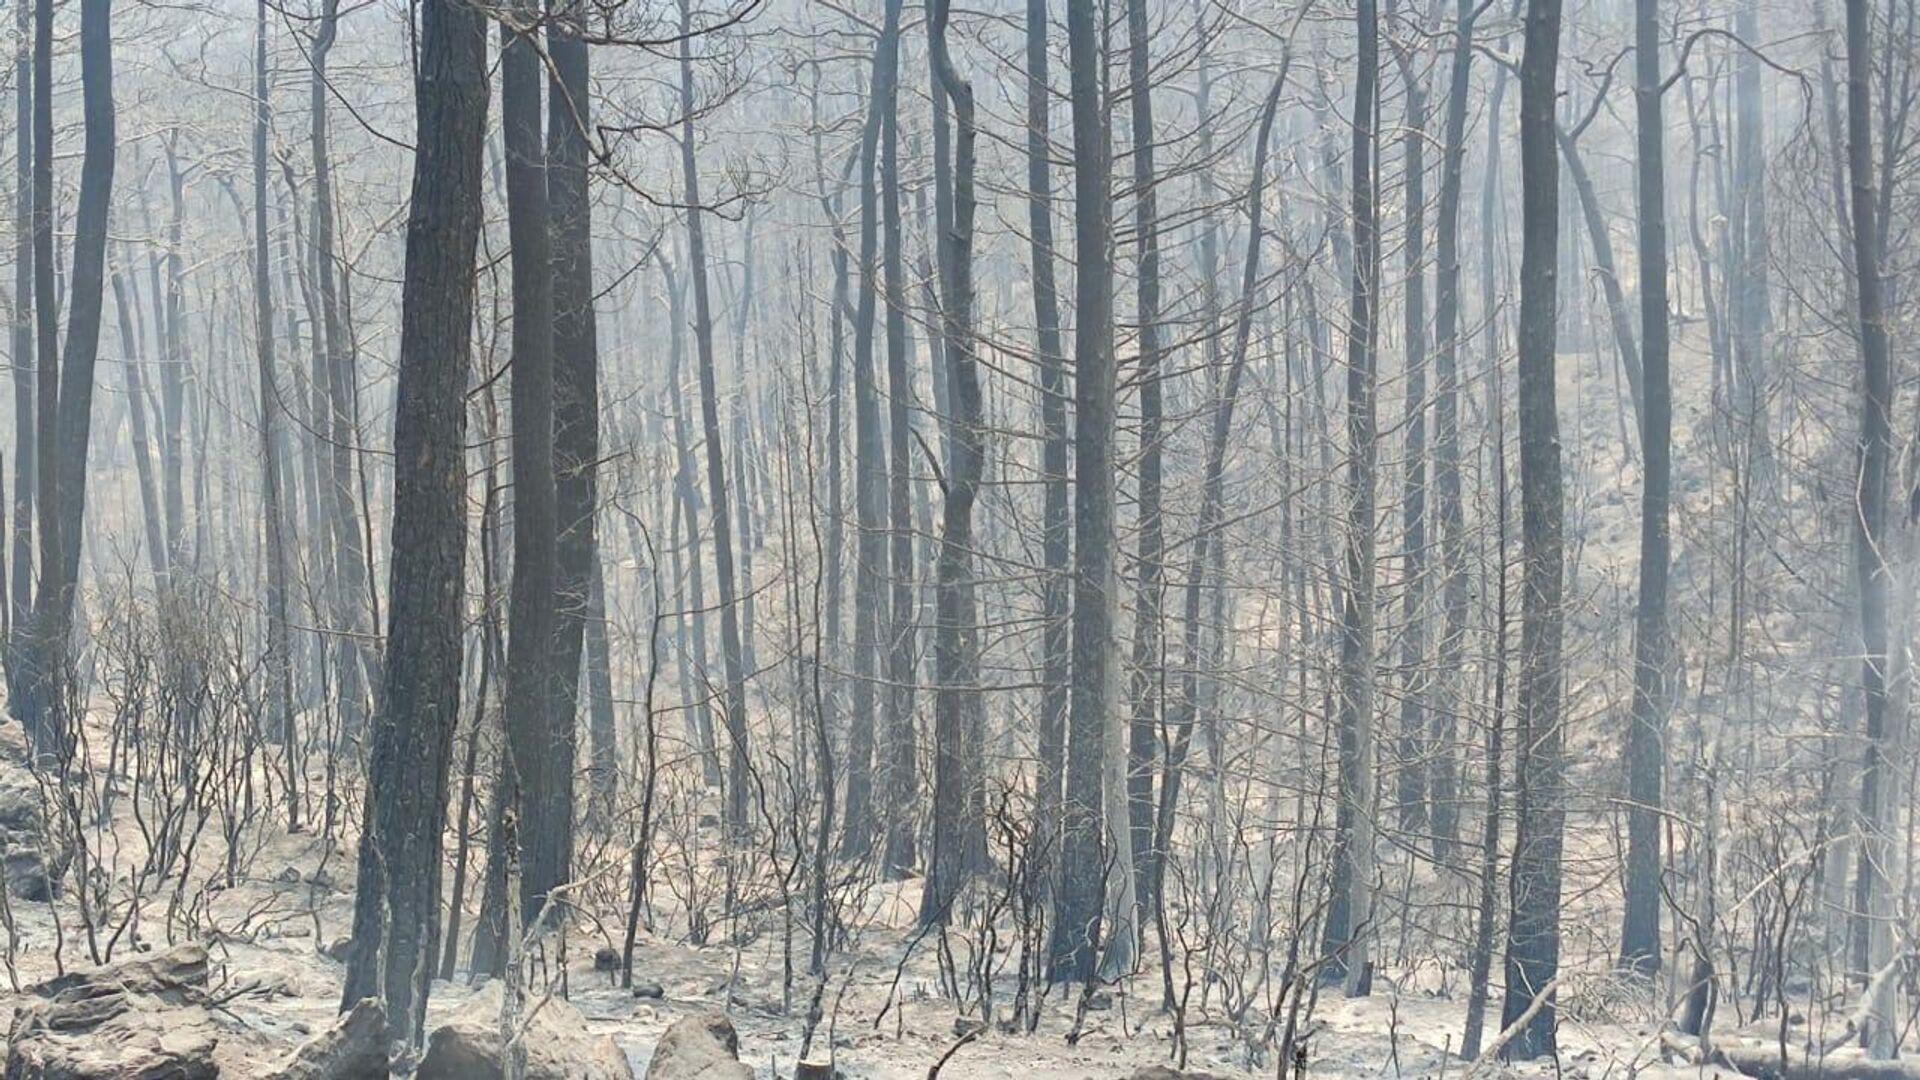 Un bosque quemado en Turquía - Sputnik Mundo, 1920, 06.08.2021